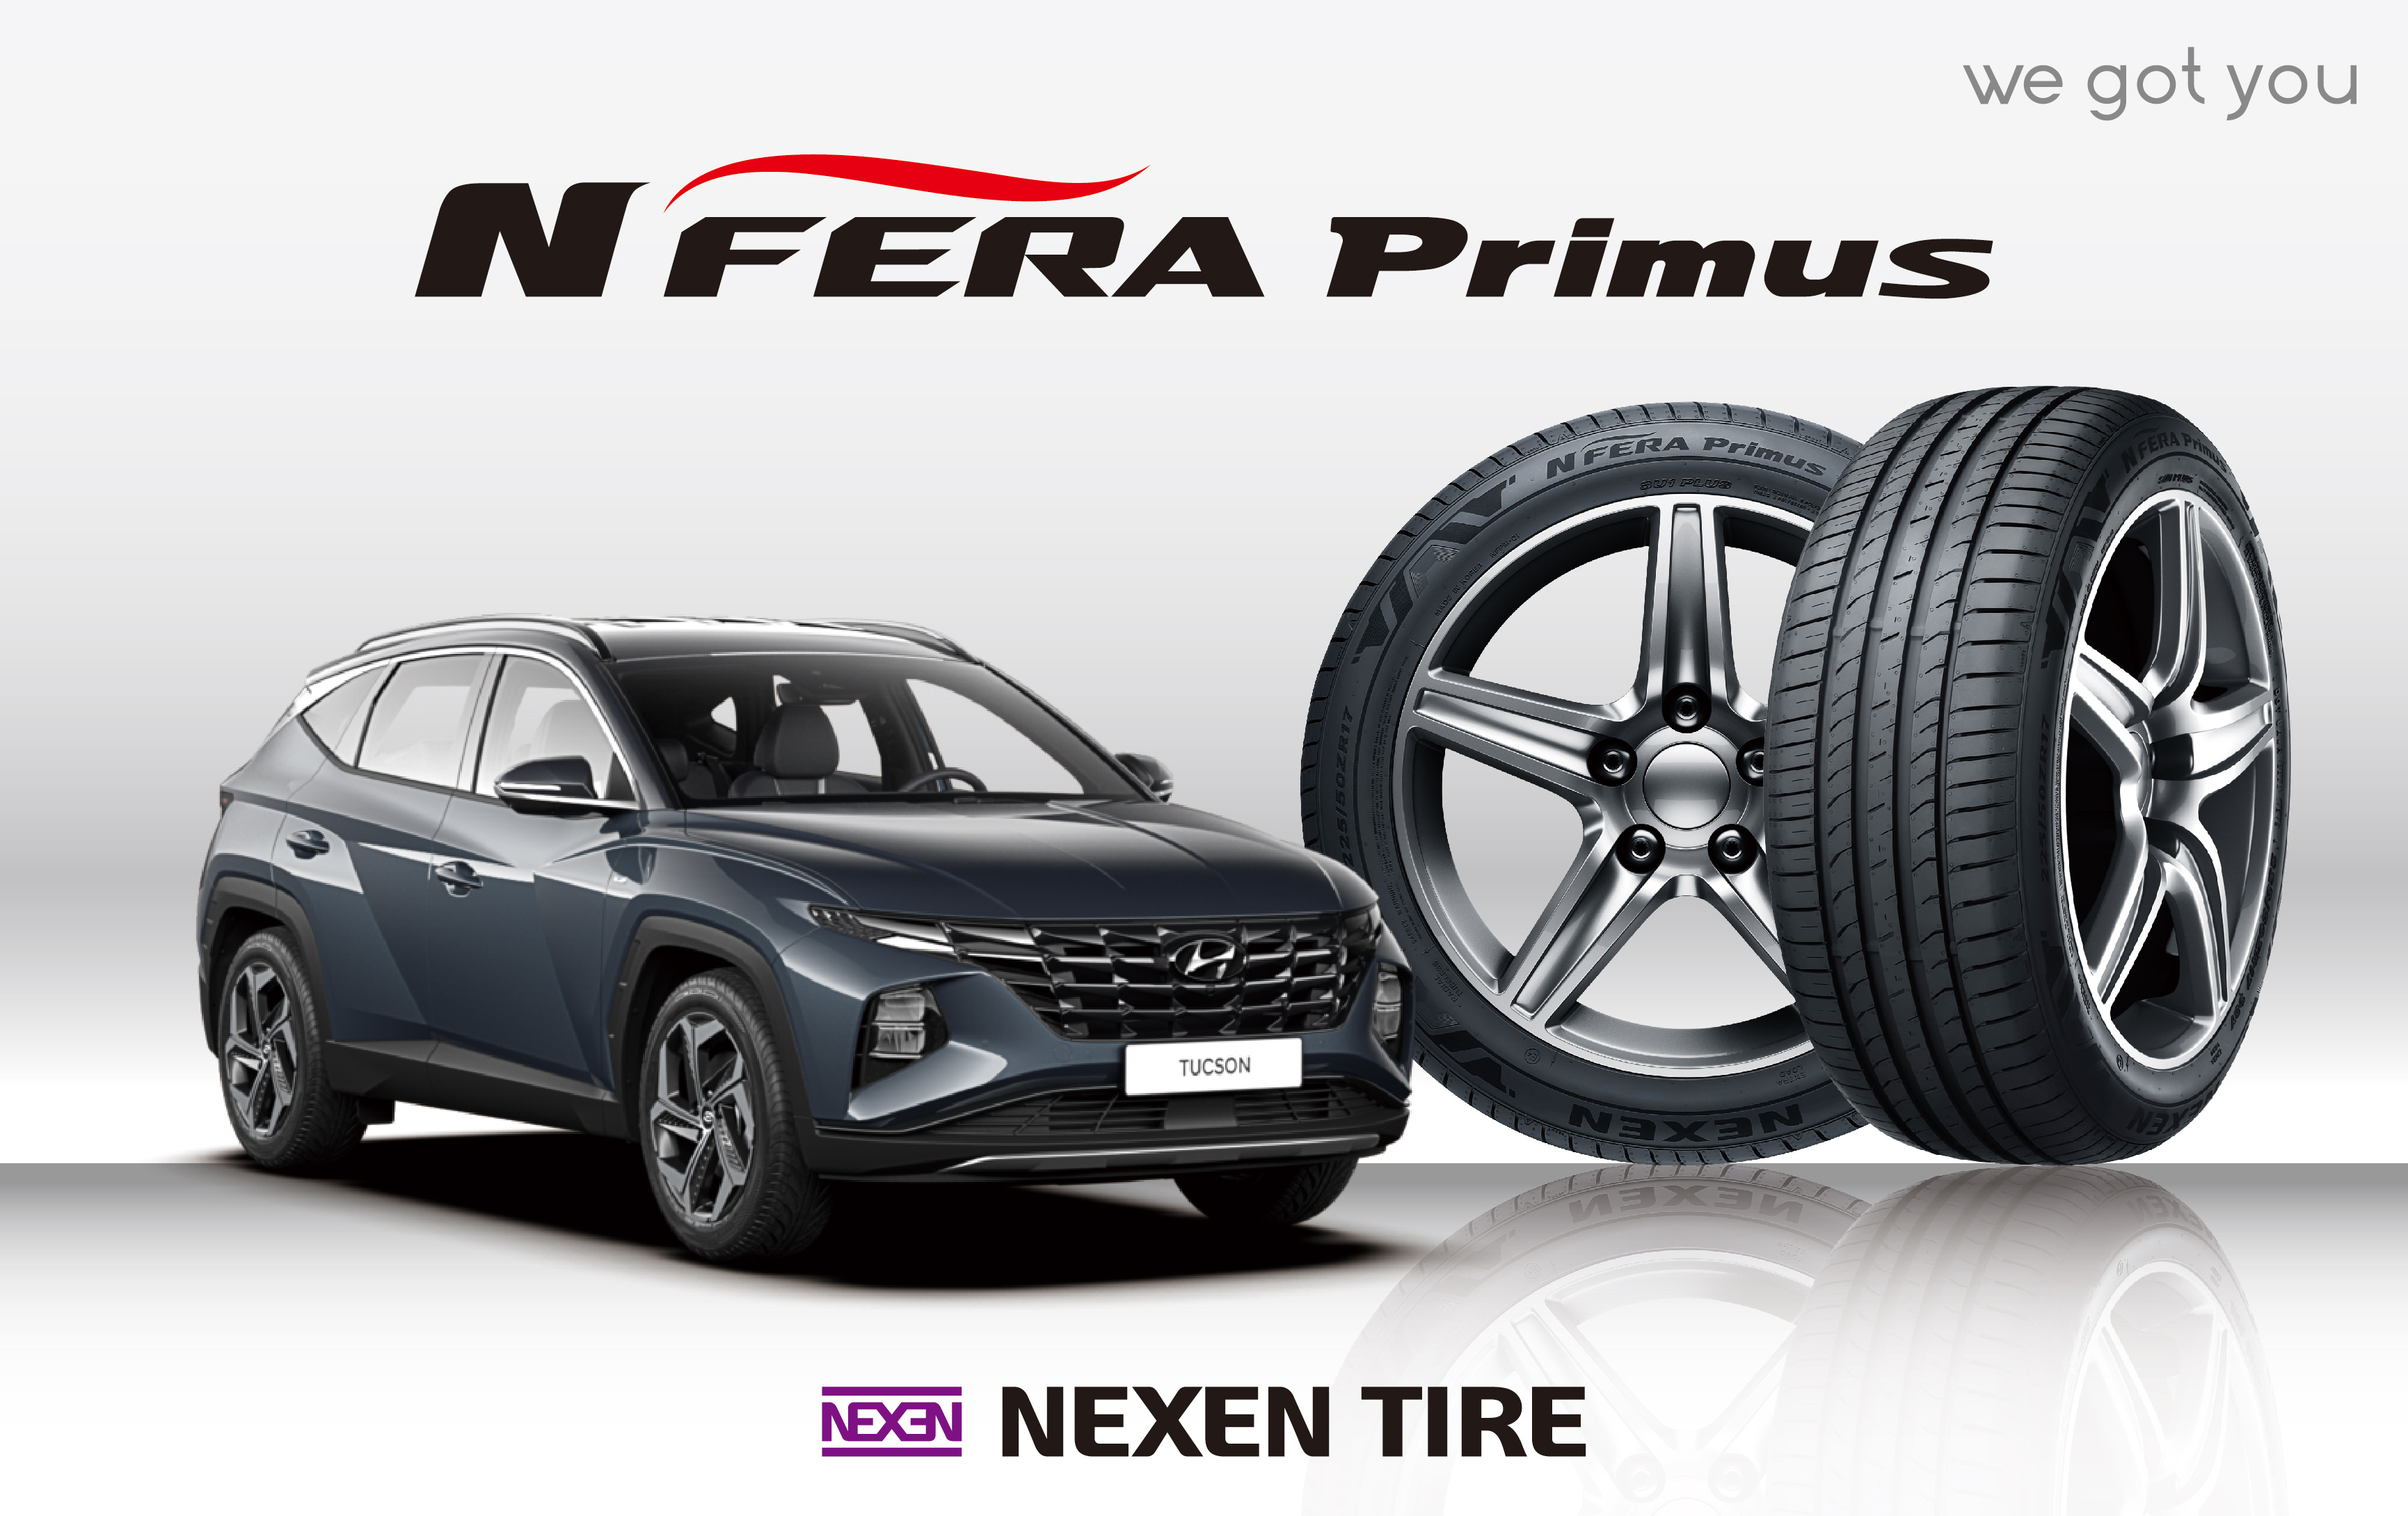 Nexen Tire Czech Republic plant hails first OE tire supply